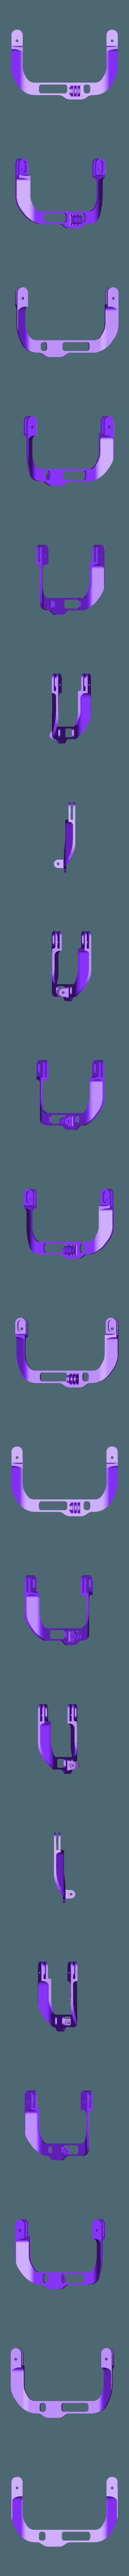 Ender_3_Pro_Bed_Handle_V3_-_GoPro_Mount.stl Download free STL file ADKS - Ender 3 Bed Handle with action cam mount • Template to 3D print, Adarkstudio